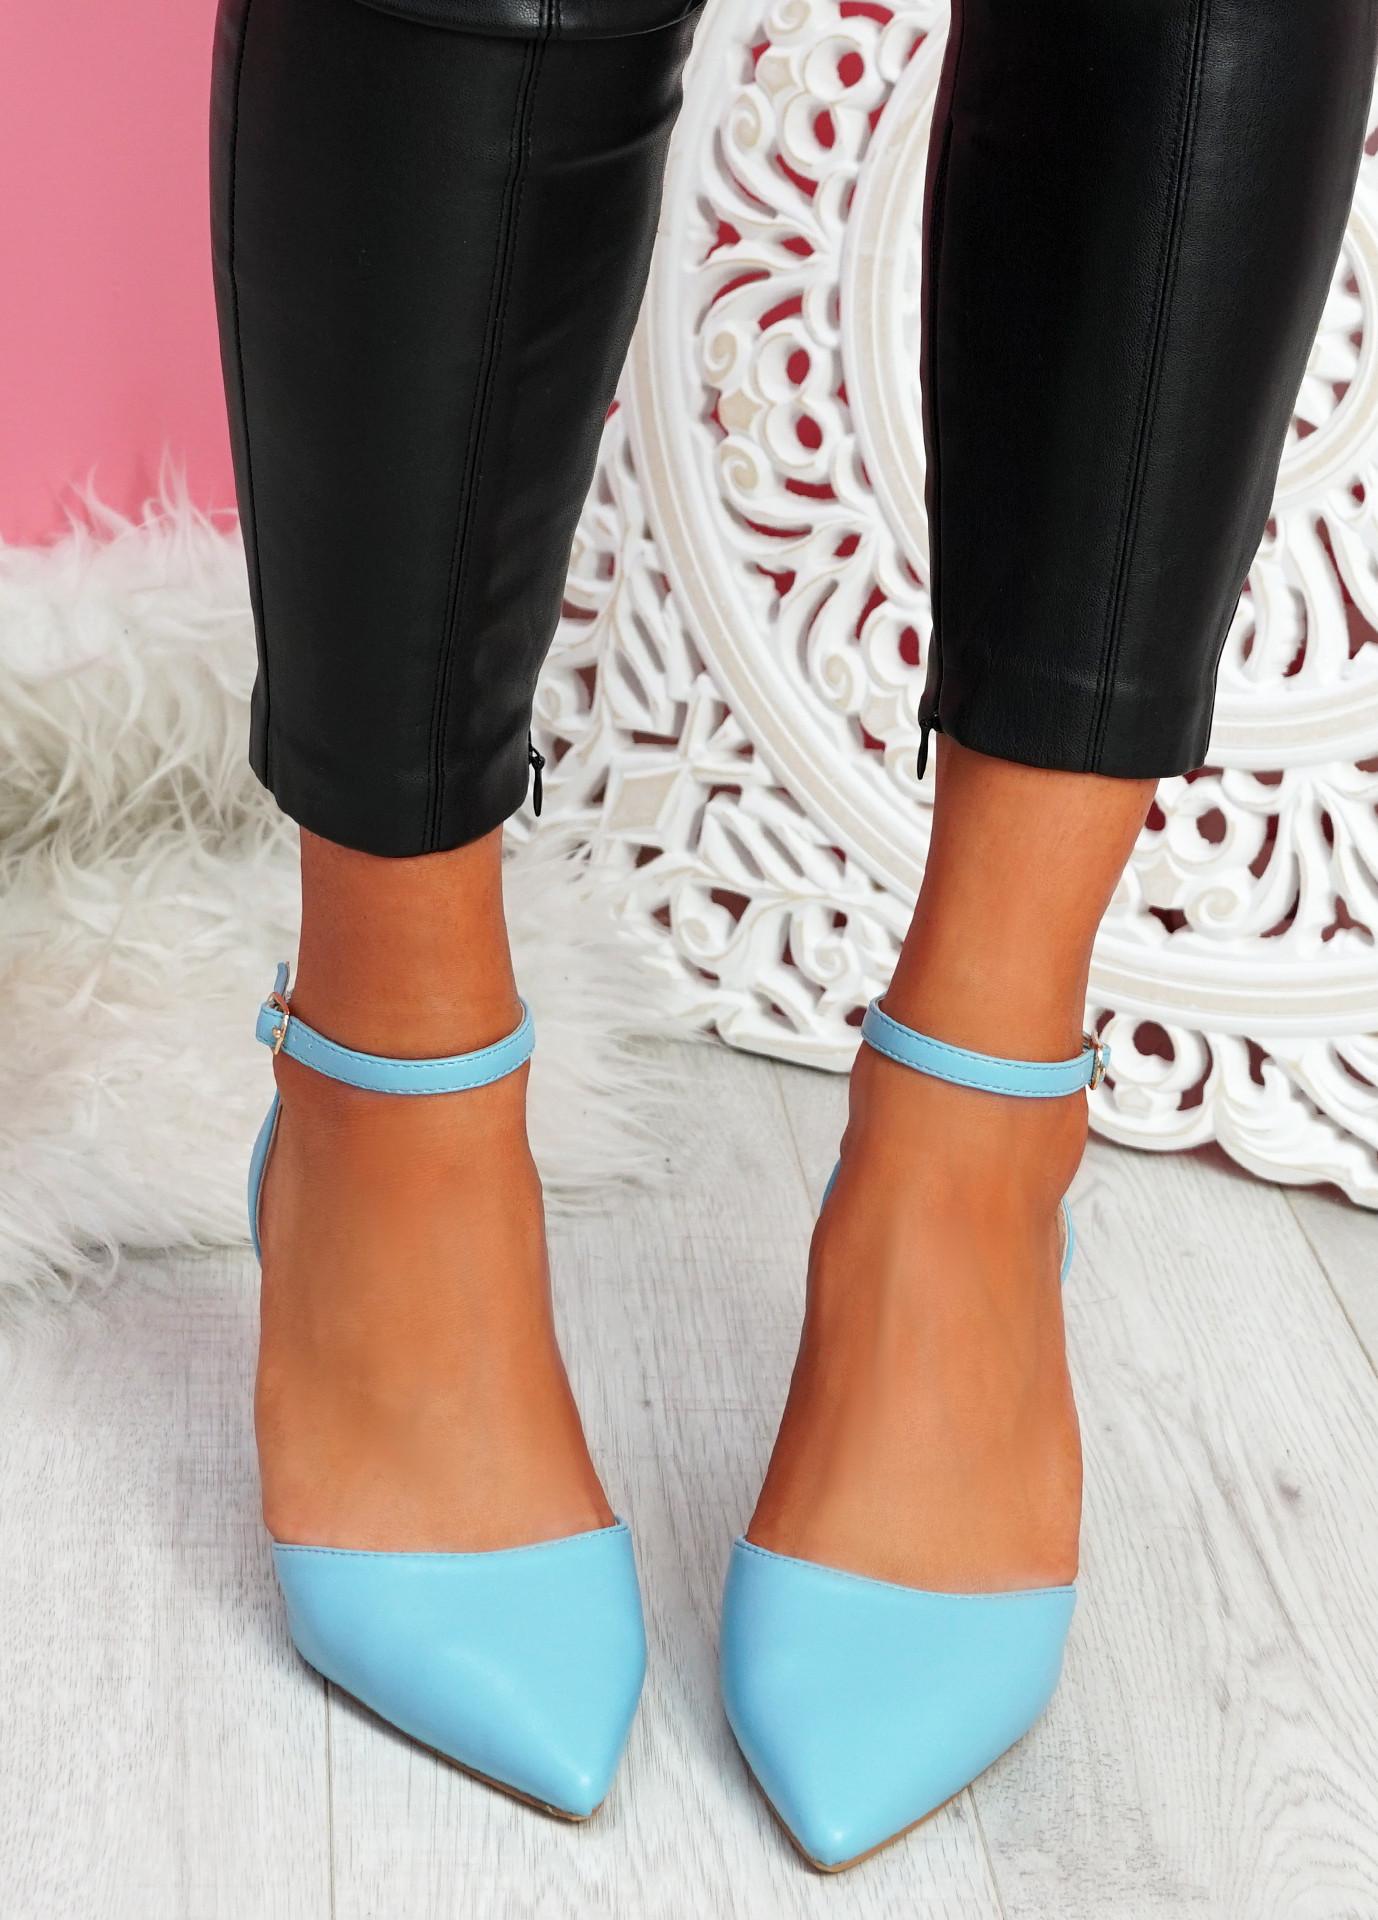 Metto Light Blue Block Heel Pumps